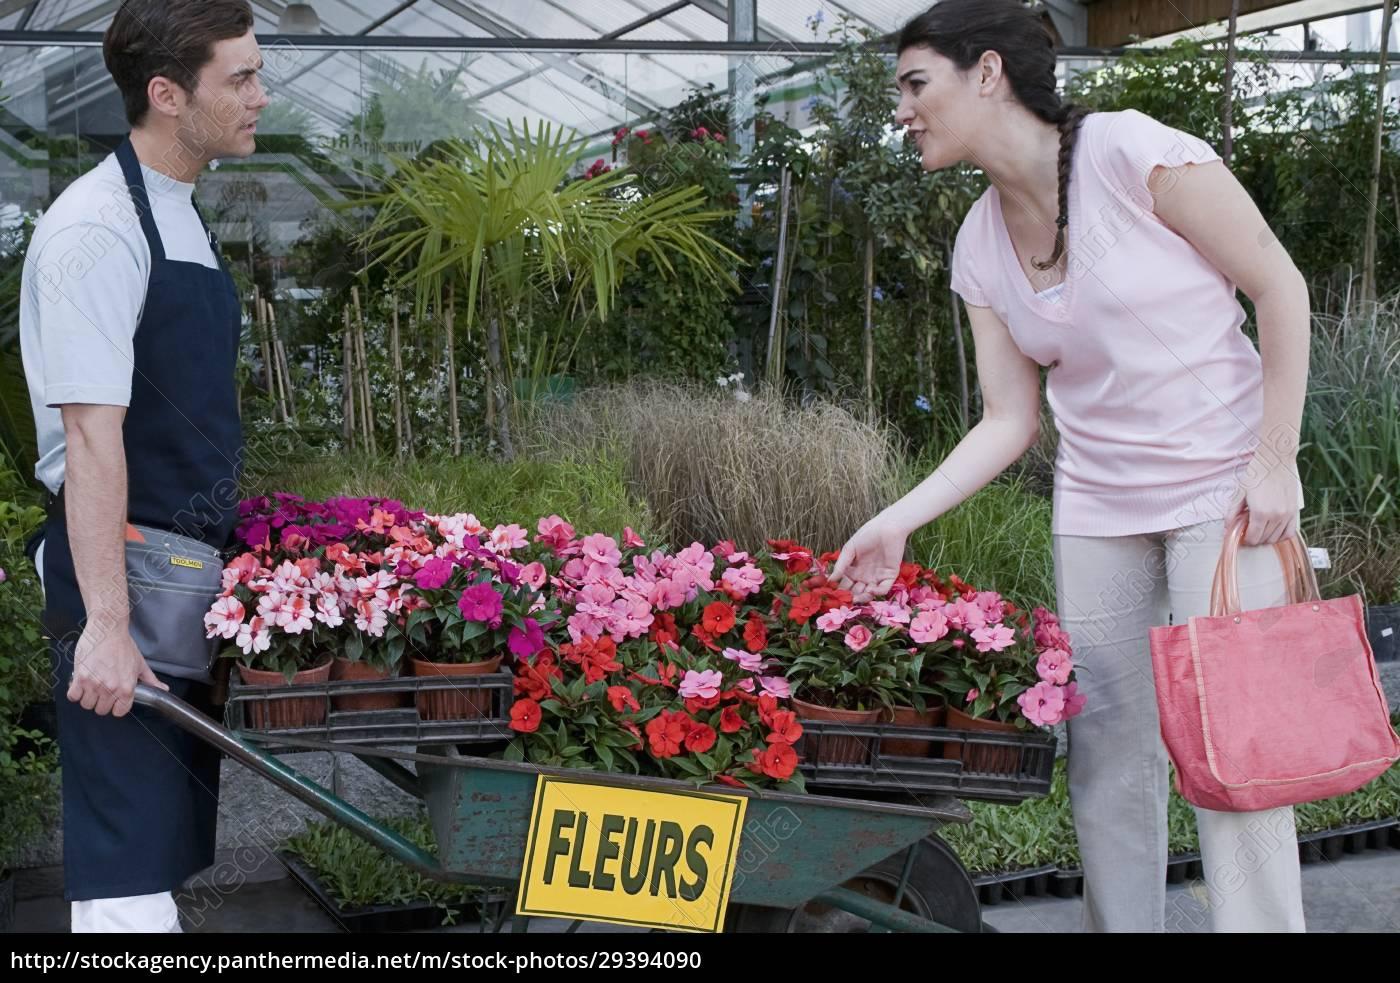 kunden, kaufen, topfpflanzen - 29394090